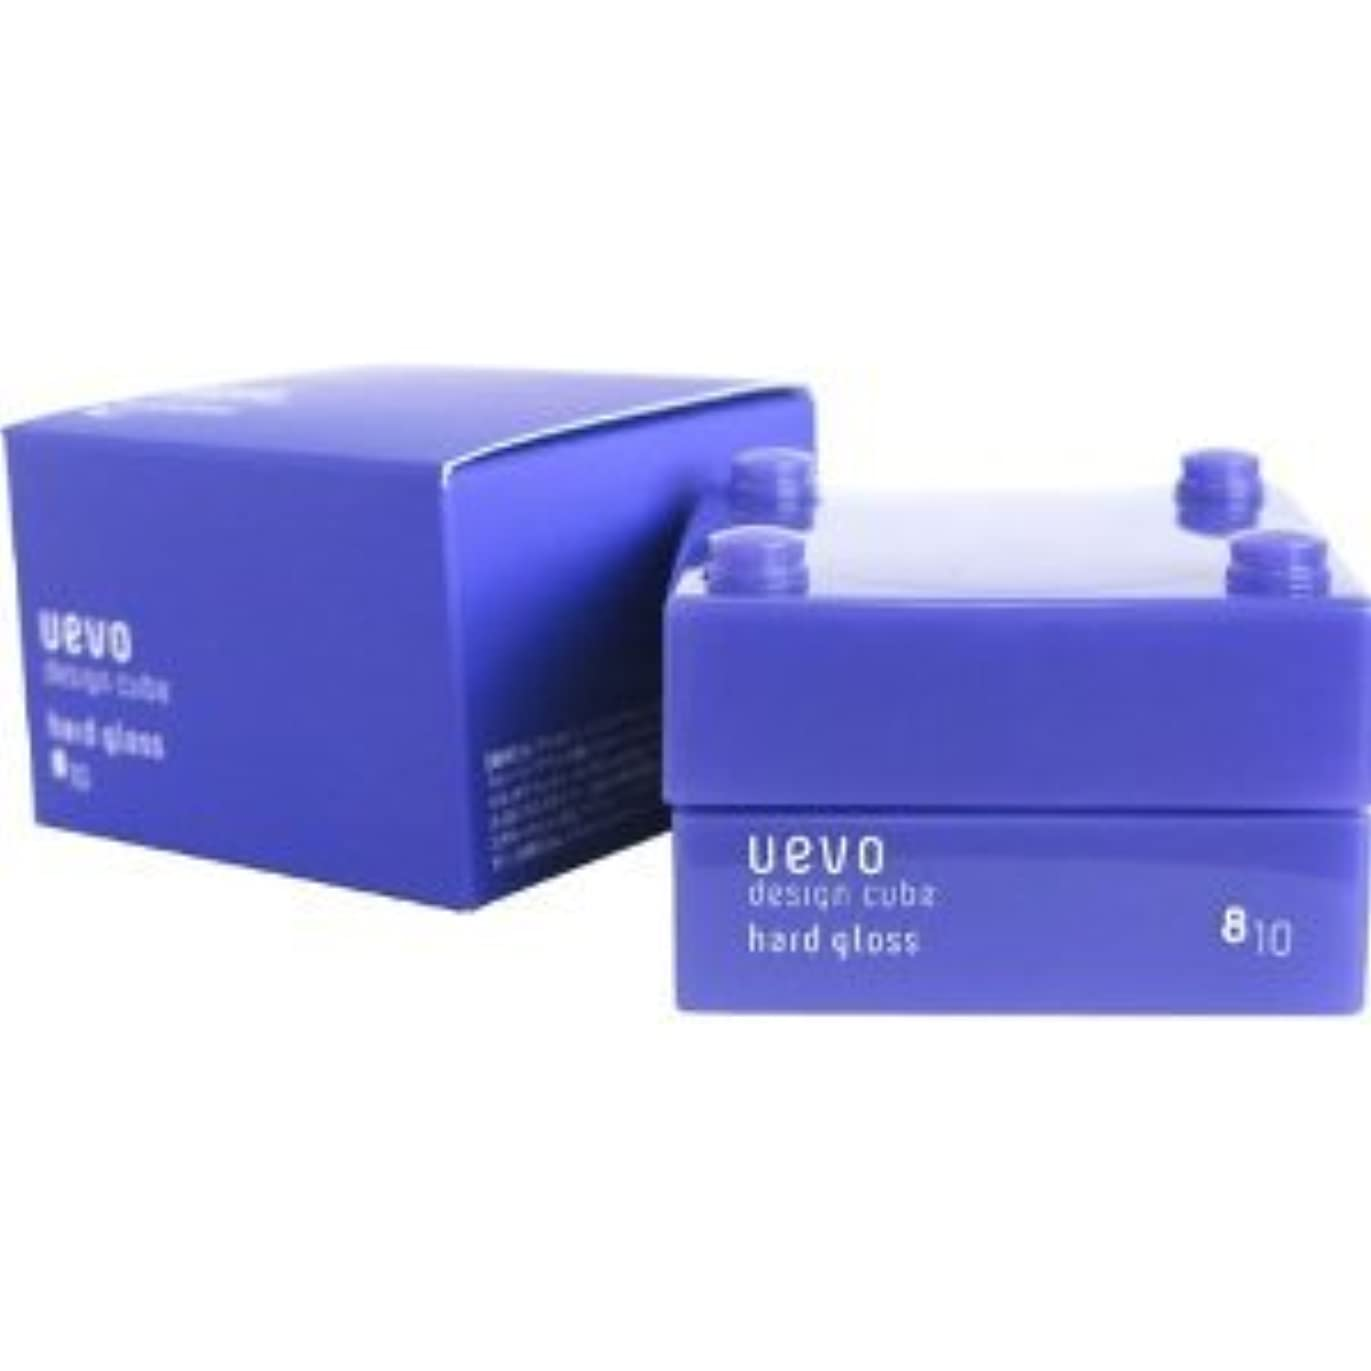 方向説得力のある情報【X2個セット】 デミ ウェーボ デザインキューブ ハードグロス 30g hard gloss DEMI uevo design cube